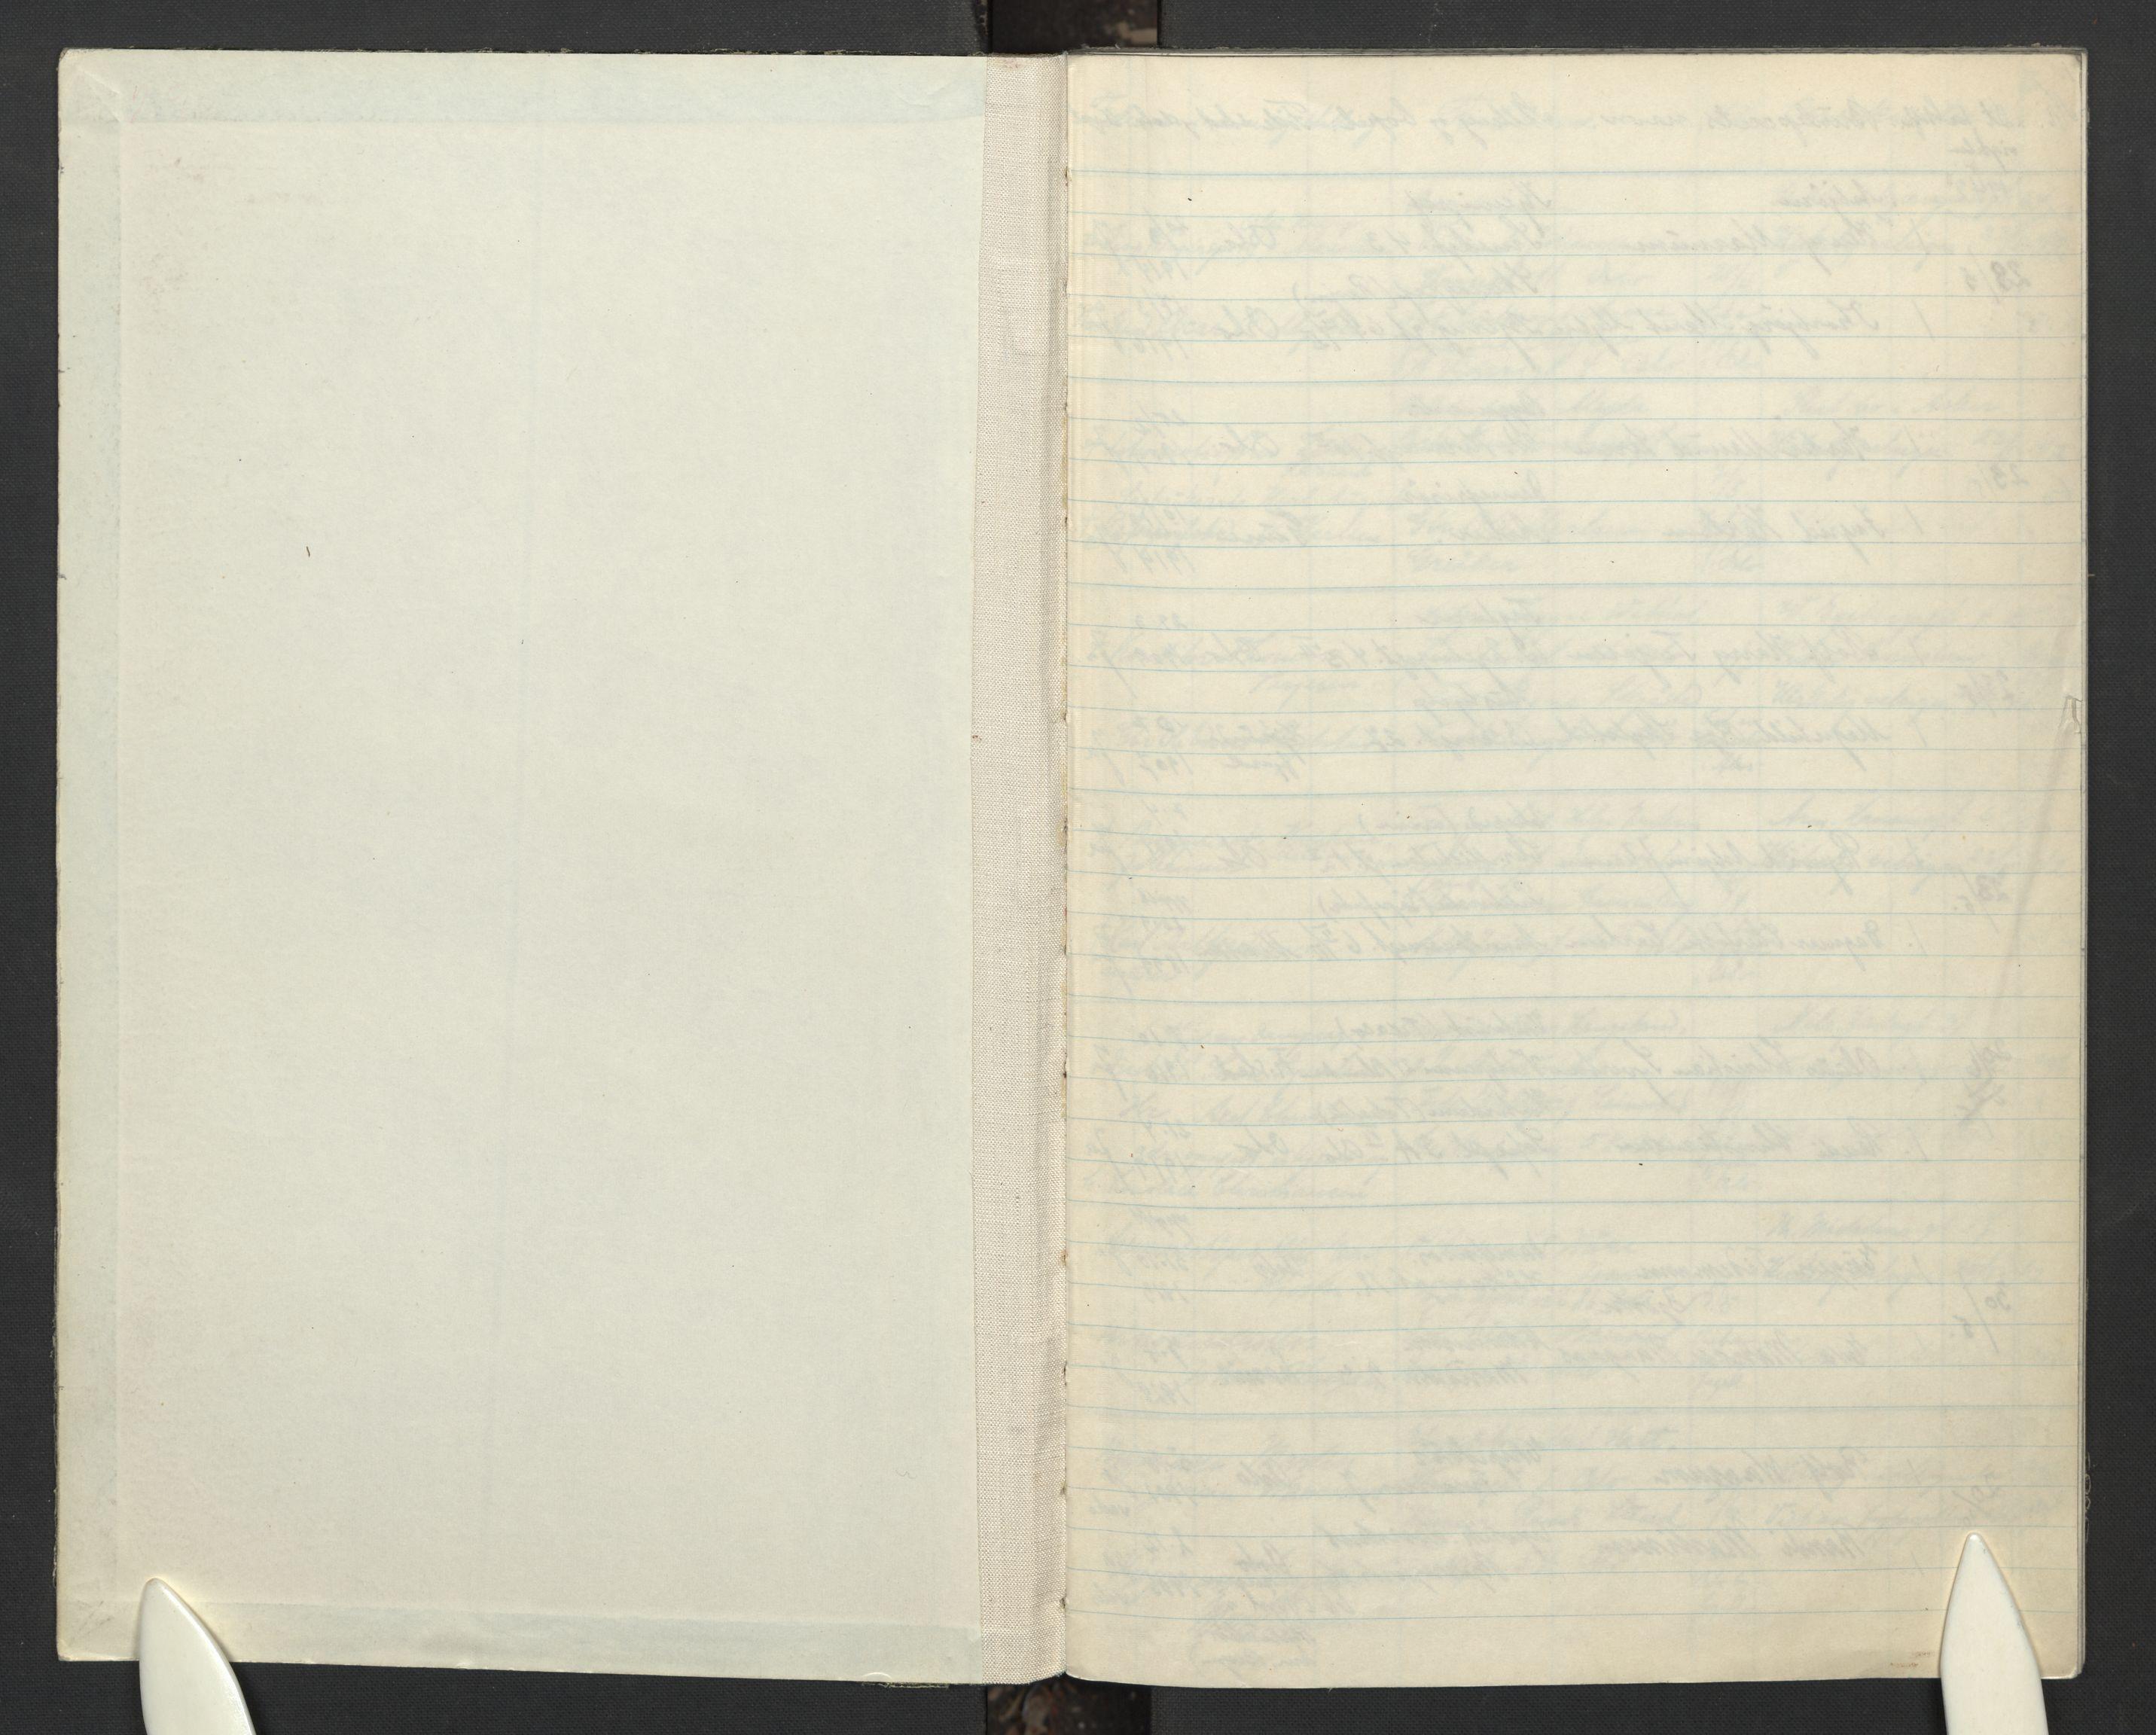 SAO, Gamle Aker prestekontor Kirkebøker, F/L0023: Ministerialbok nr. 23, 1942-1946